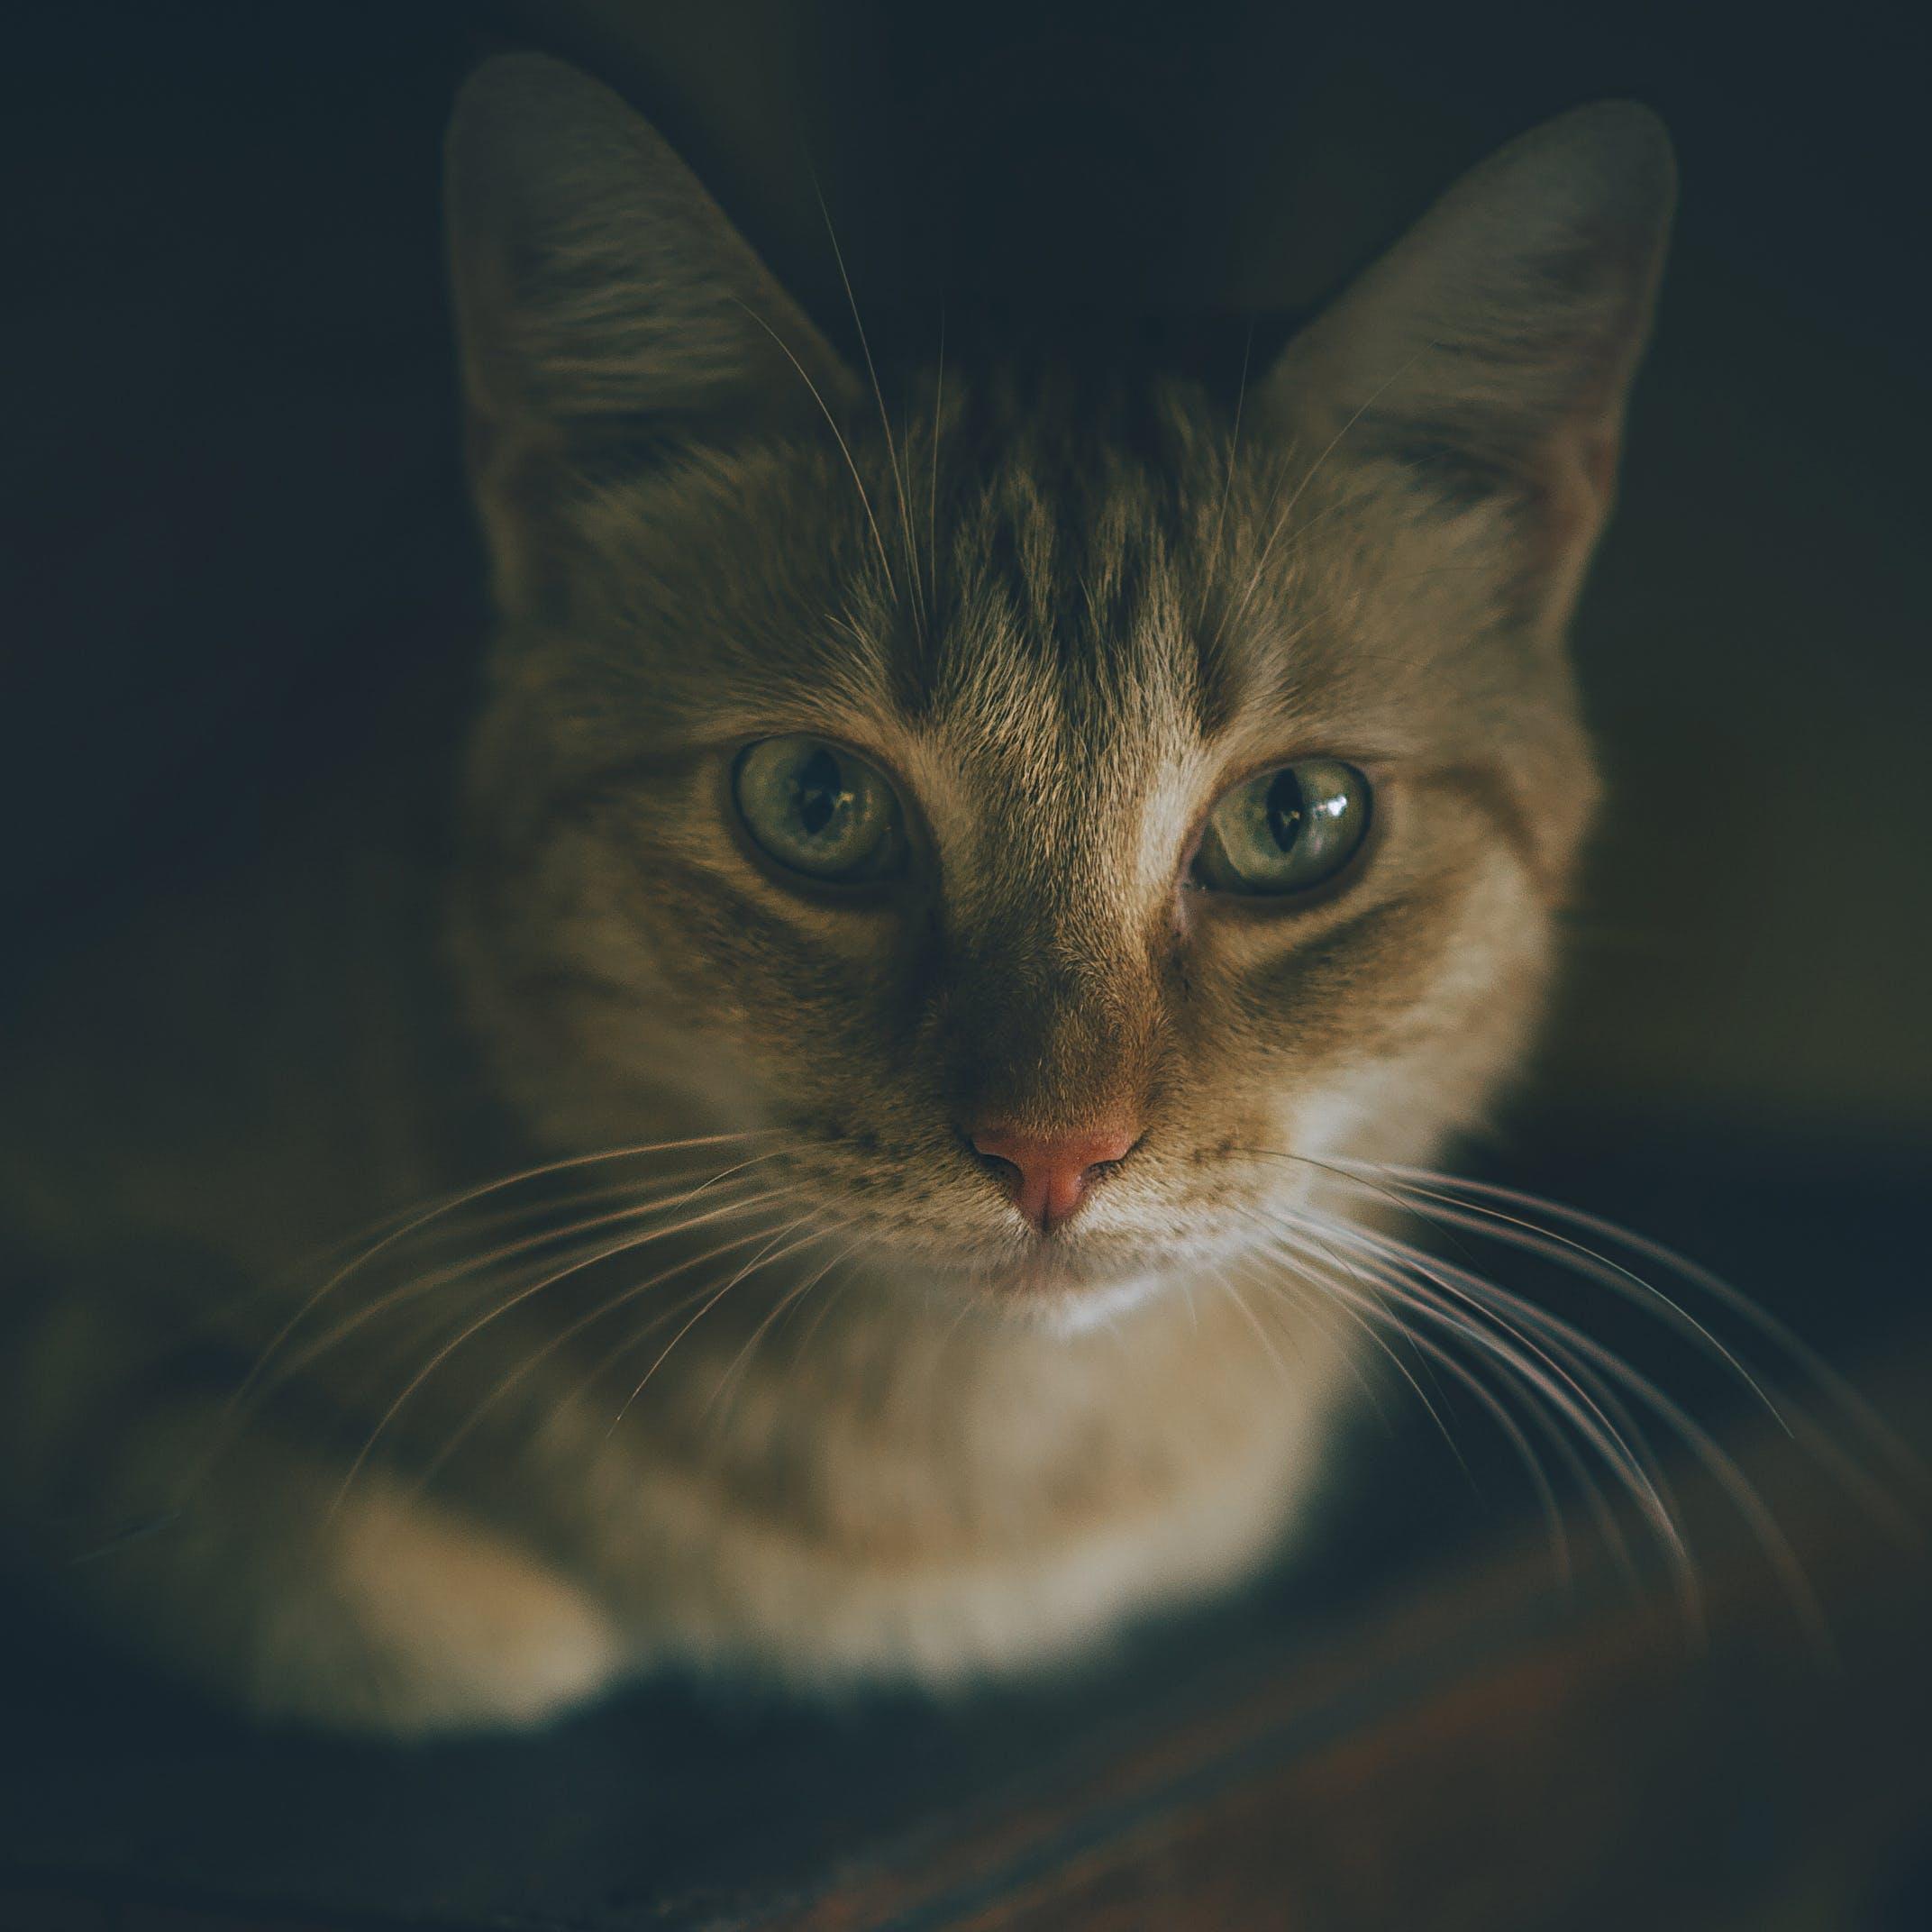 Kostnadsfri bild av däggdjur, djur, djurfotografi, grå